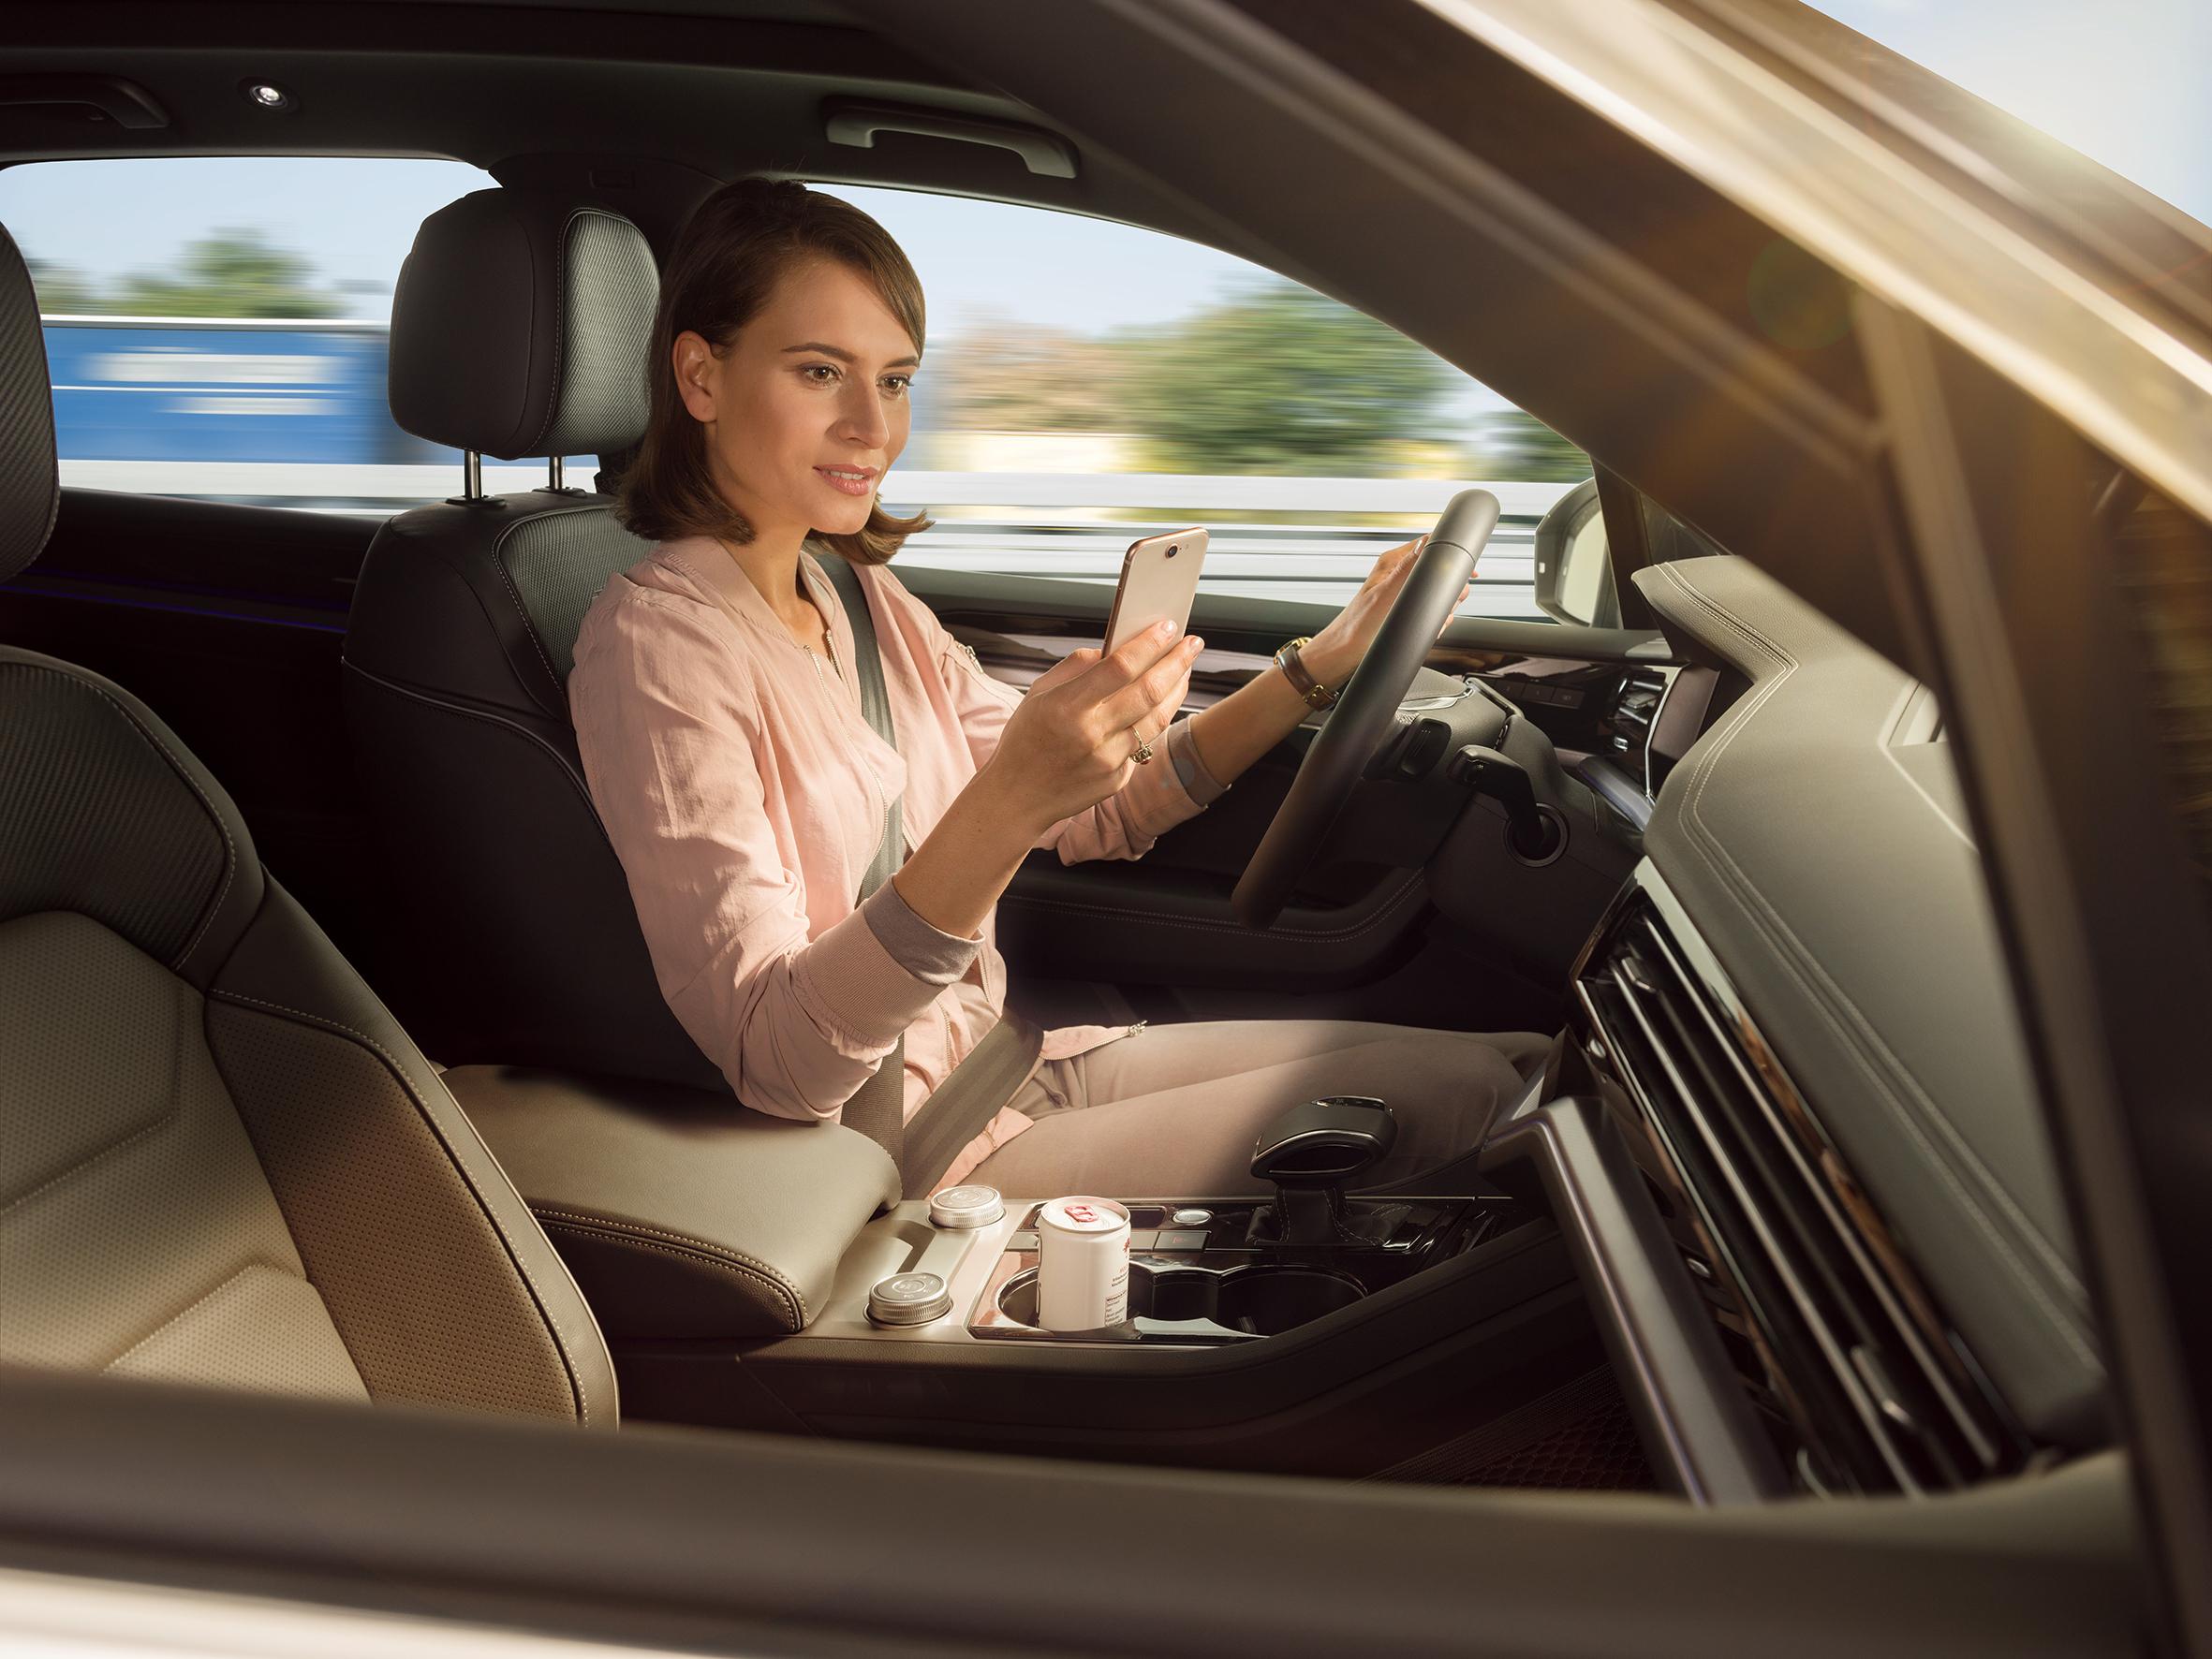 Le telecamere che salvano la vita: Bosch aiuta le auto a non perdere di vista i propri passeggeri